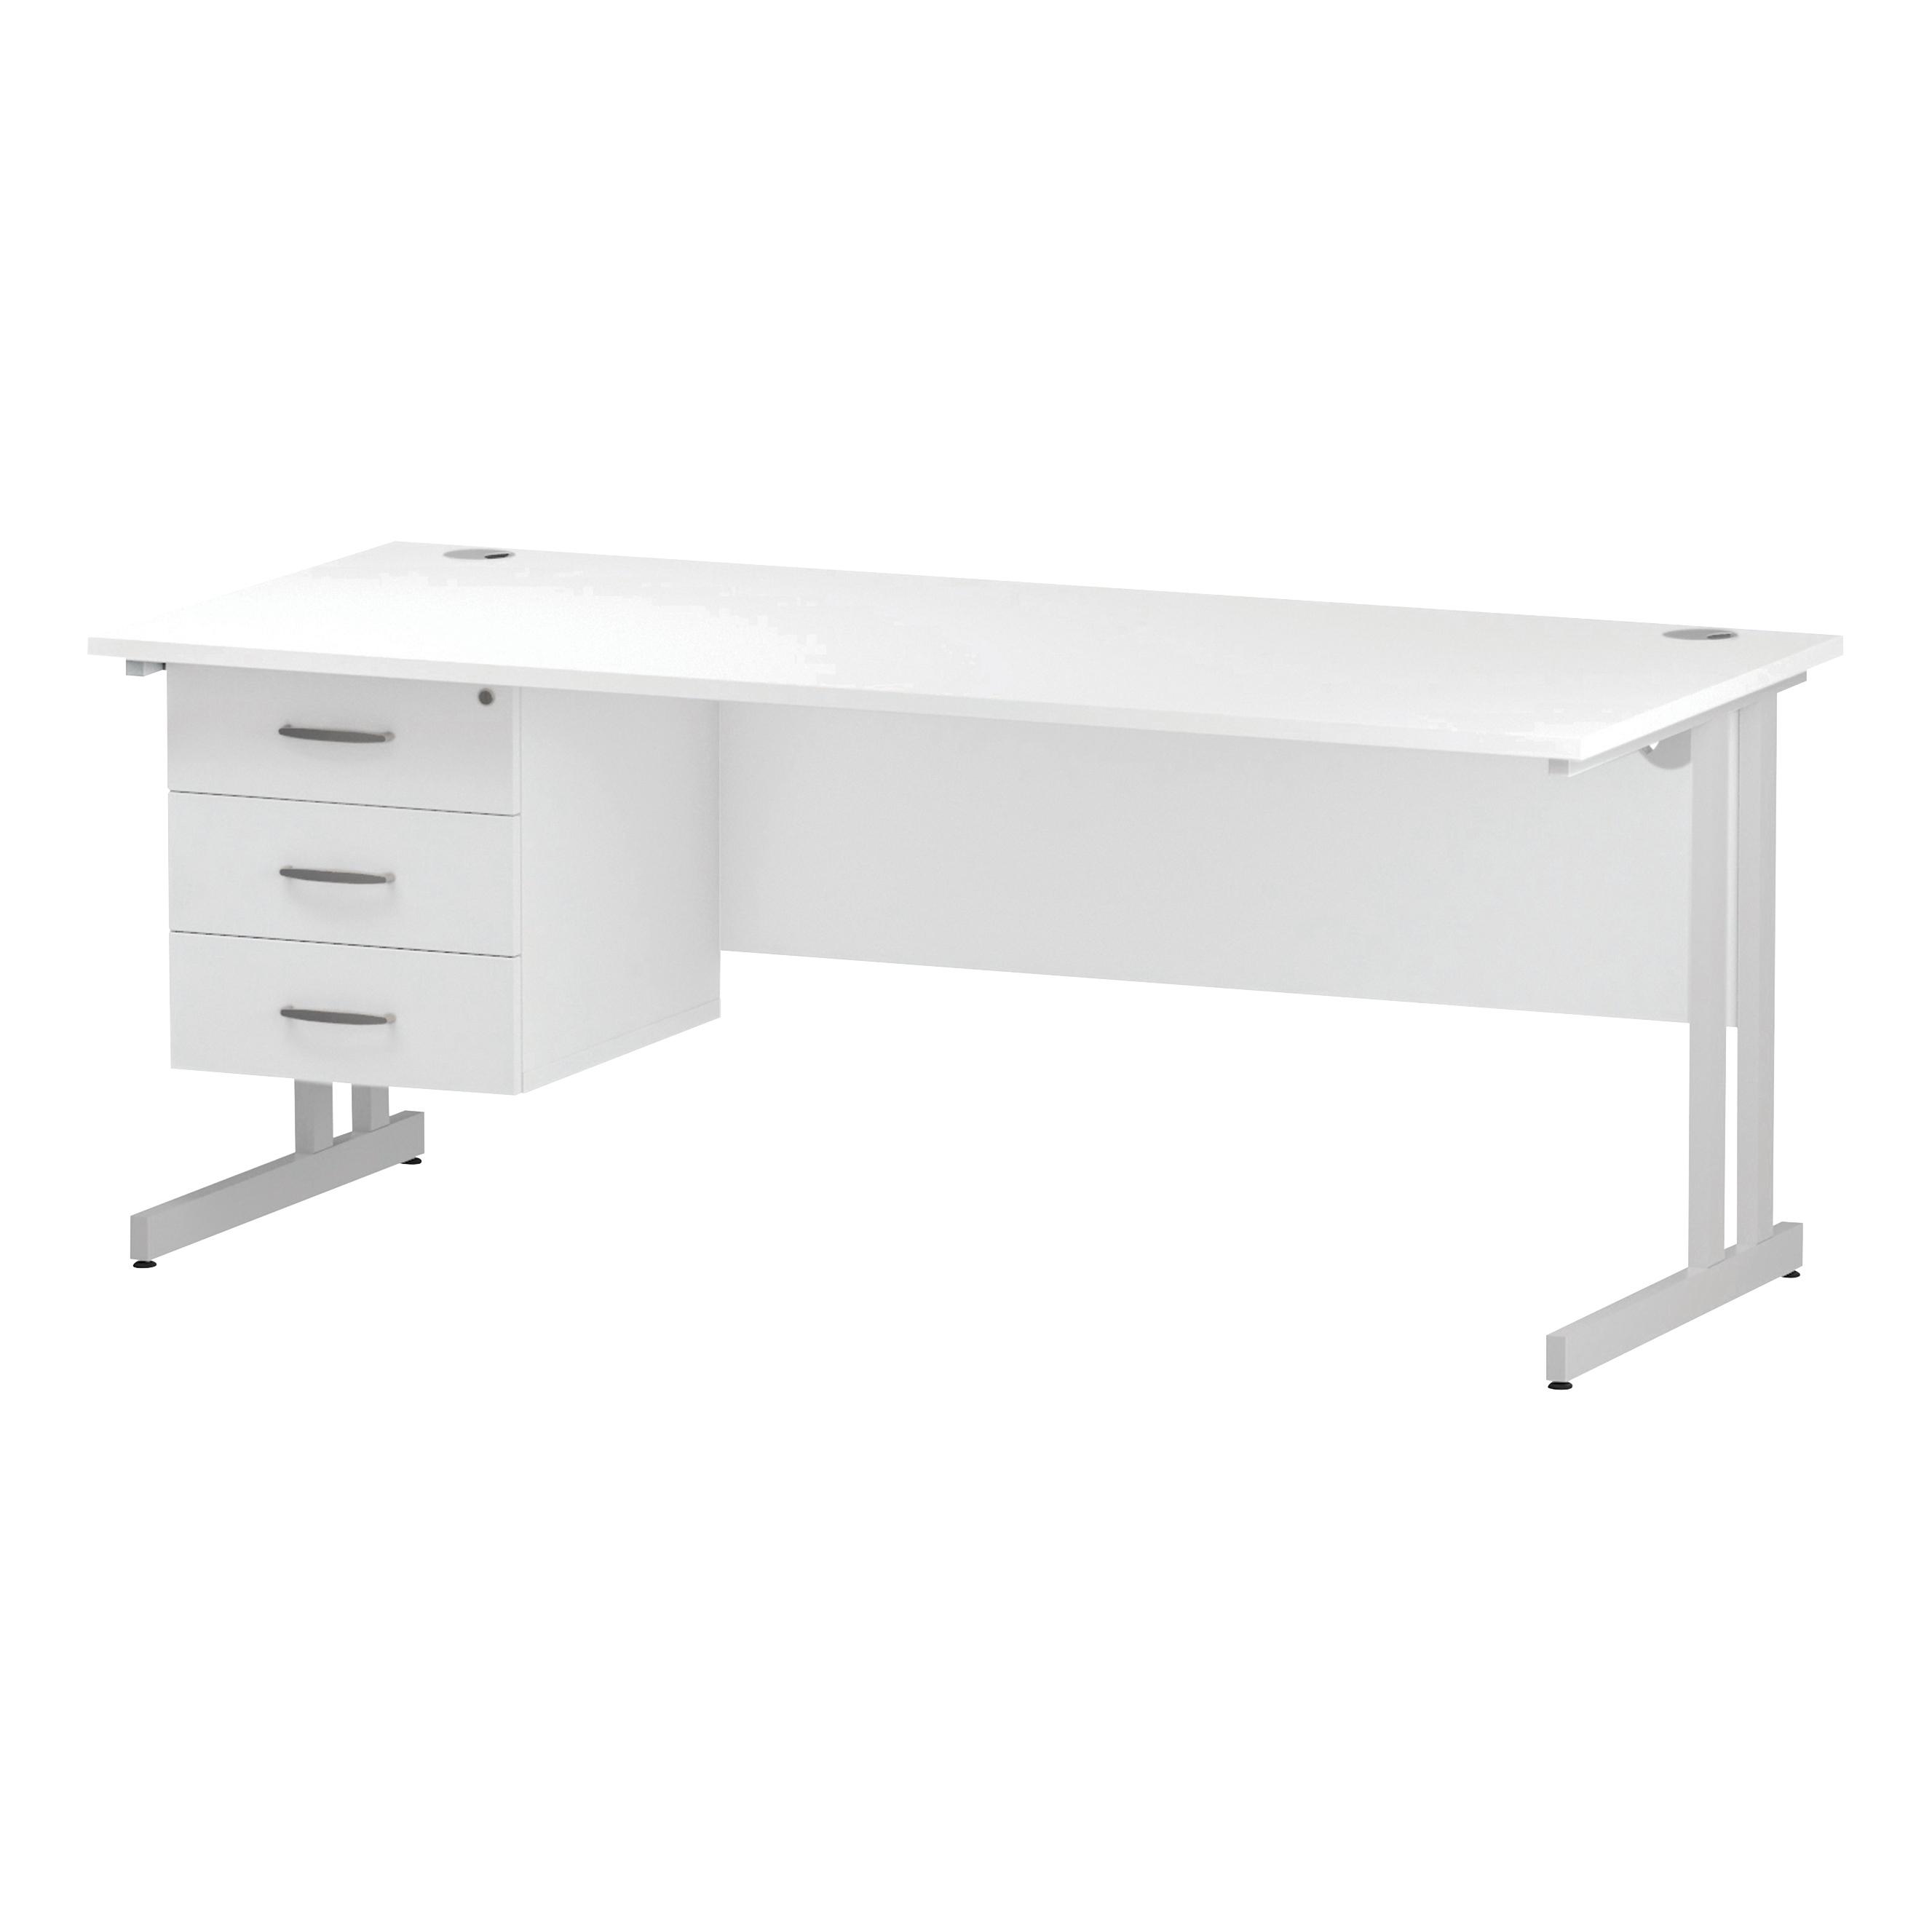 Trexus Rectangular Desk White Cantilever Leg 1800x800mm Fixed Pedestal 3 Drawers White Ref I002220